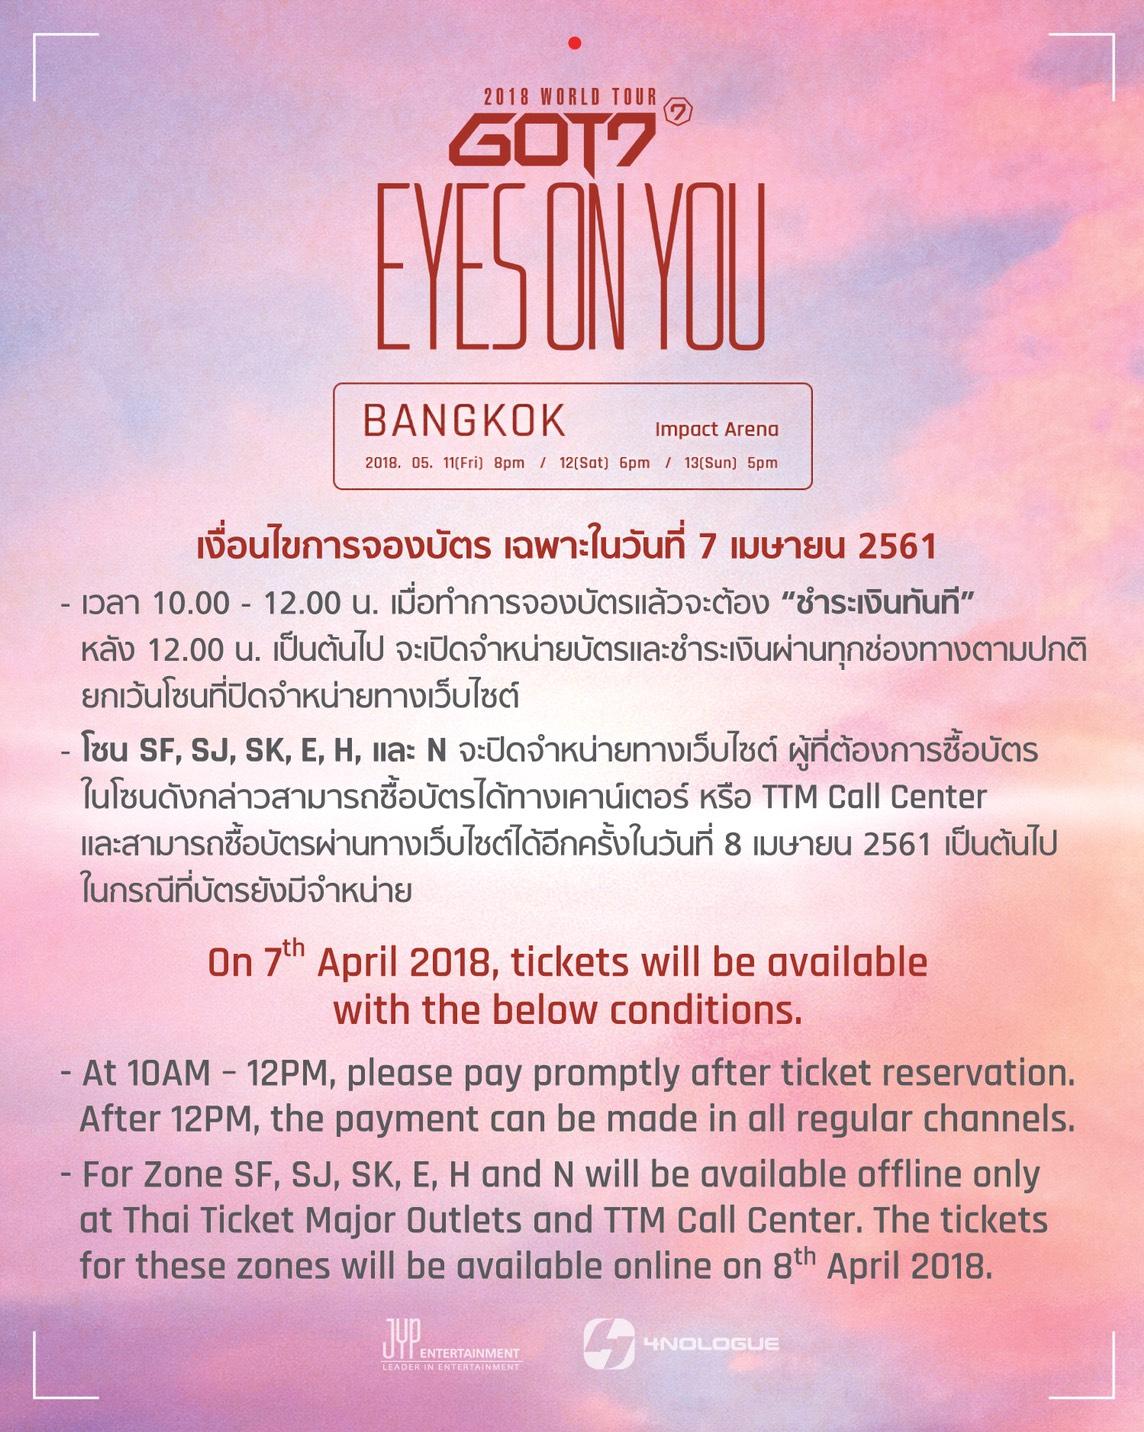 7 หนุ่ม GOT7 ส่งคลิปถึง อากาเซชาวไทย! เตรียมจัดเต็มโชว์ 3 รอบ WORLD TOUR EYES ON YOU IN BANGKOK